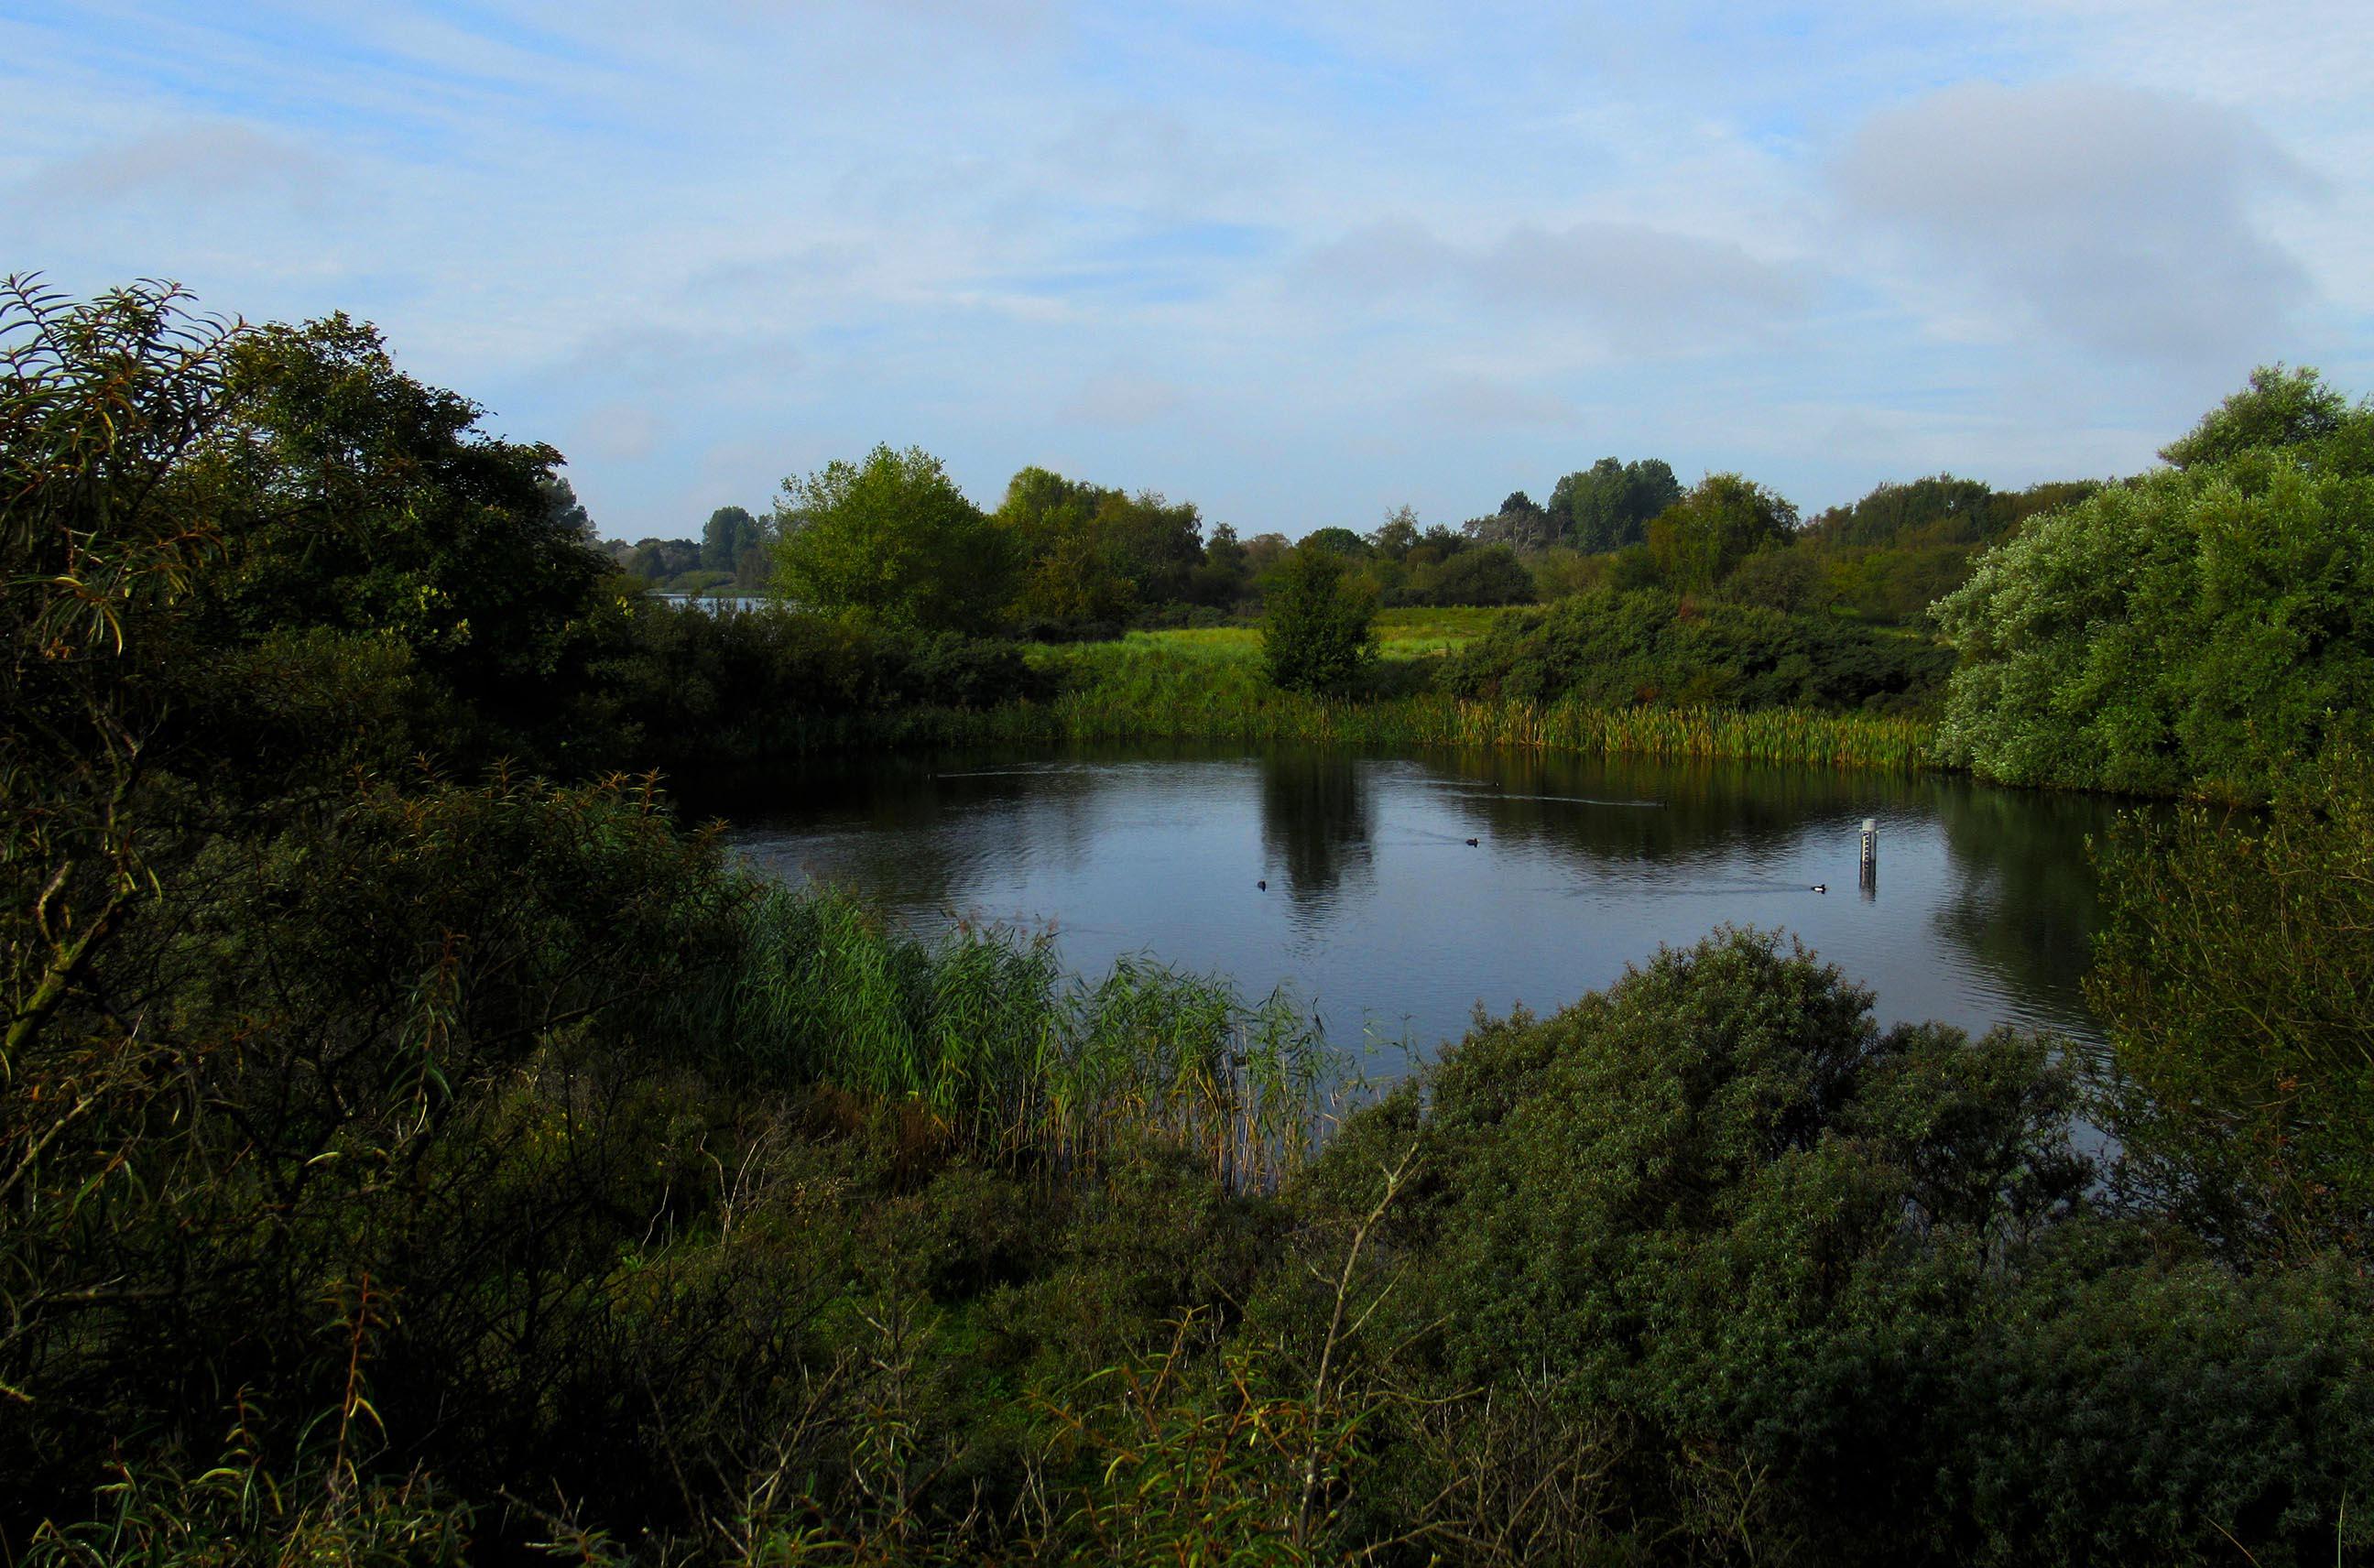 De watervijvers in het gebied hebben veelal een natuurlijke vorm - Foto: ©Fransien Fraanje